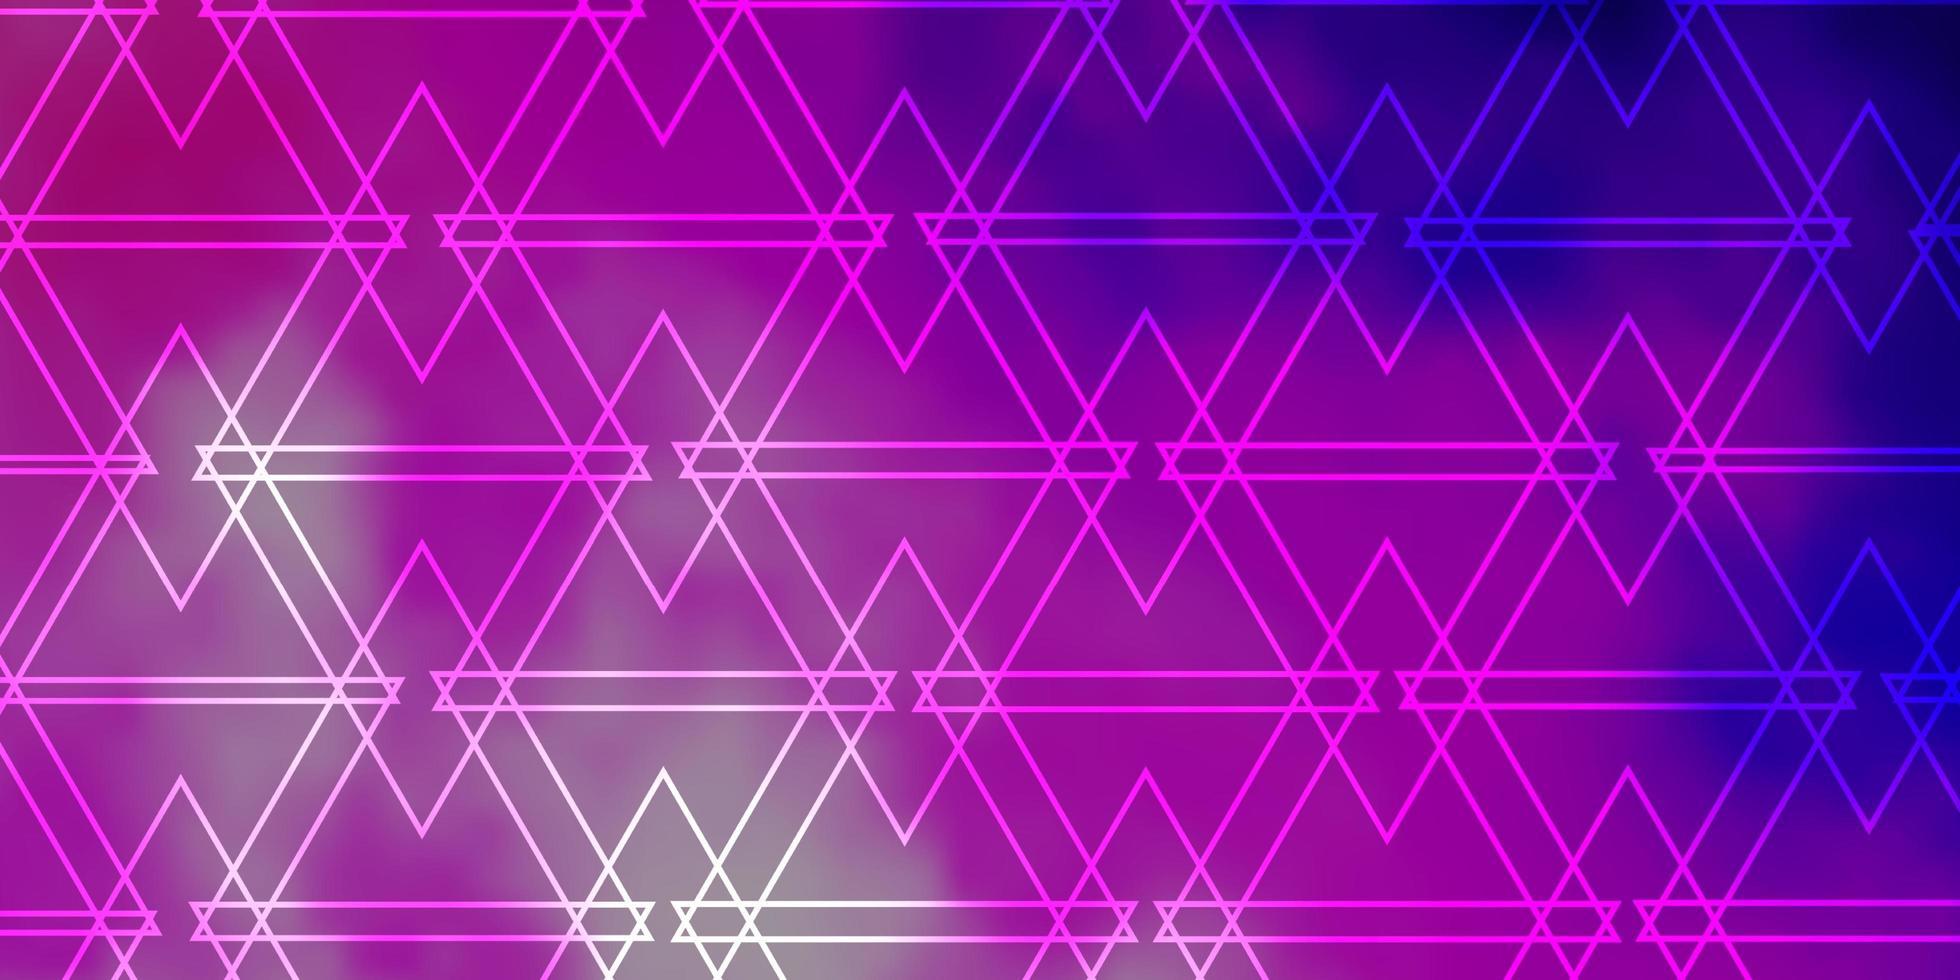 lichtpaarse, roze vectorlay-out met lijnen, driehoeken. vector